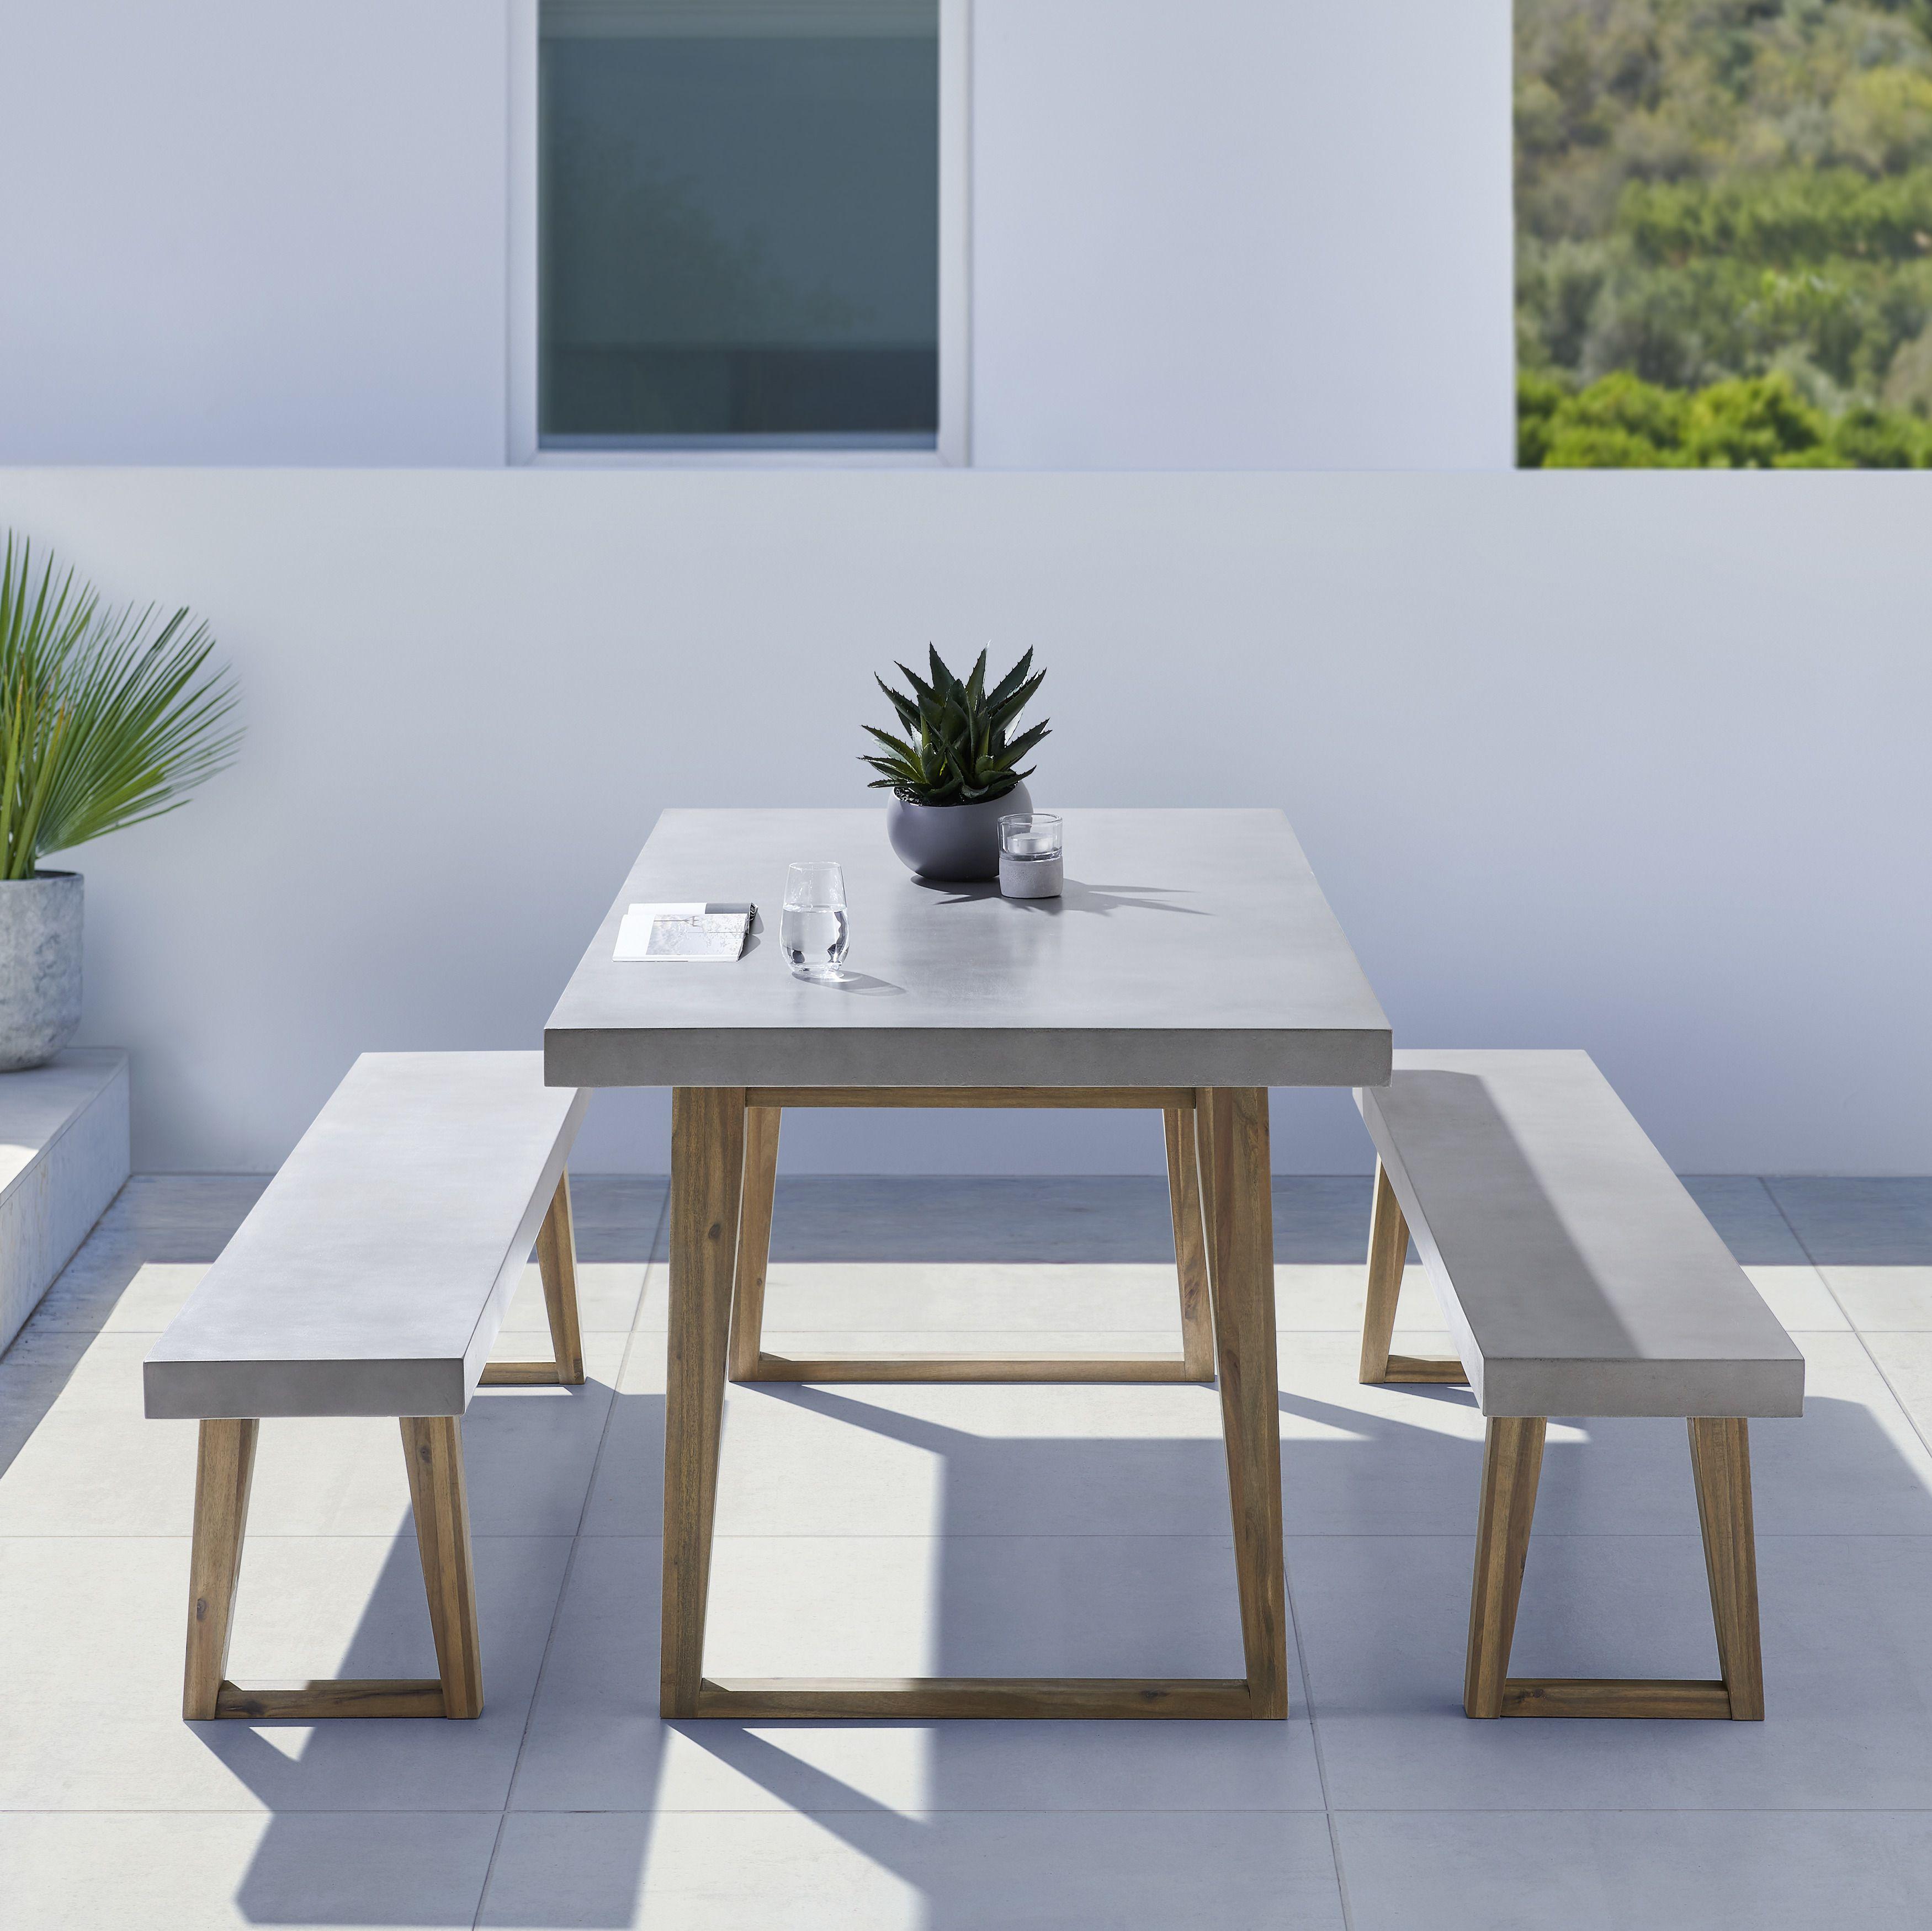 Gartenmobel Garten Gartentisch Holzmobel Mobel Aus Holz In 2021 Gartentisch Gartentisch Betonoptik Tisch Betonoptik